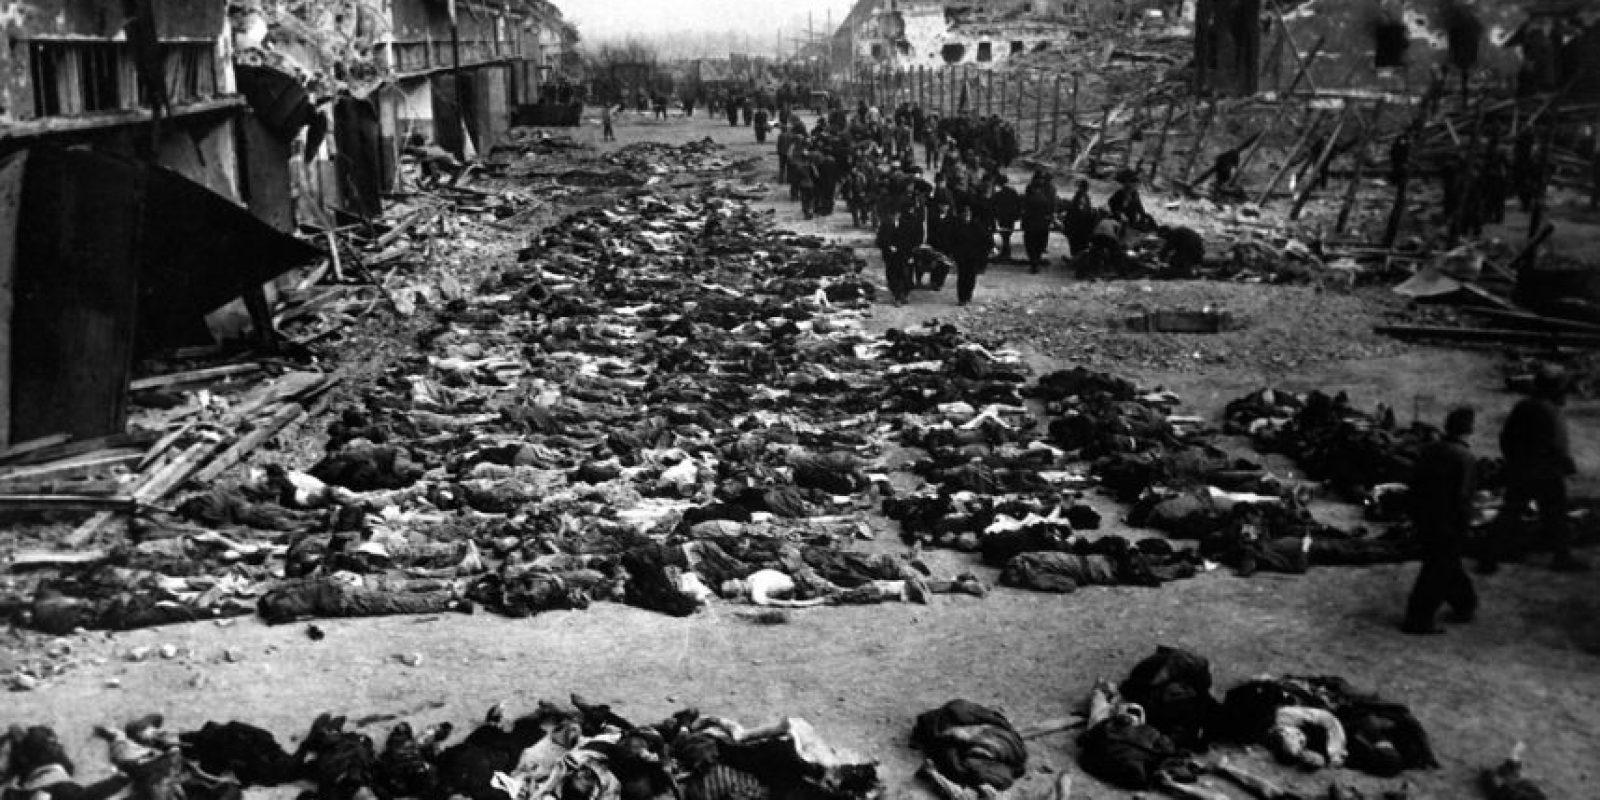 El Holocausto Nazi dejó 11 millones de muertos, entre ellos 6 millones de judíos. Foto:vía Getty Images